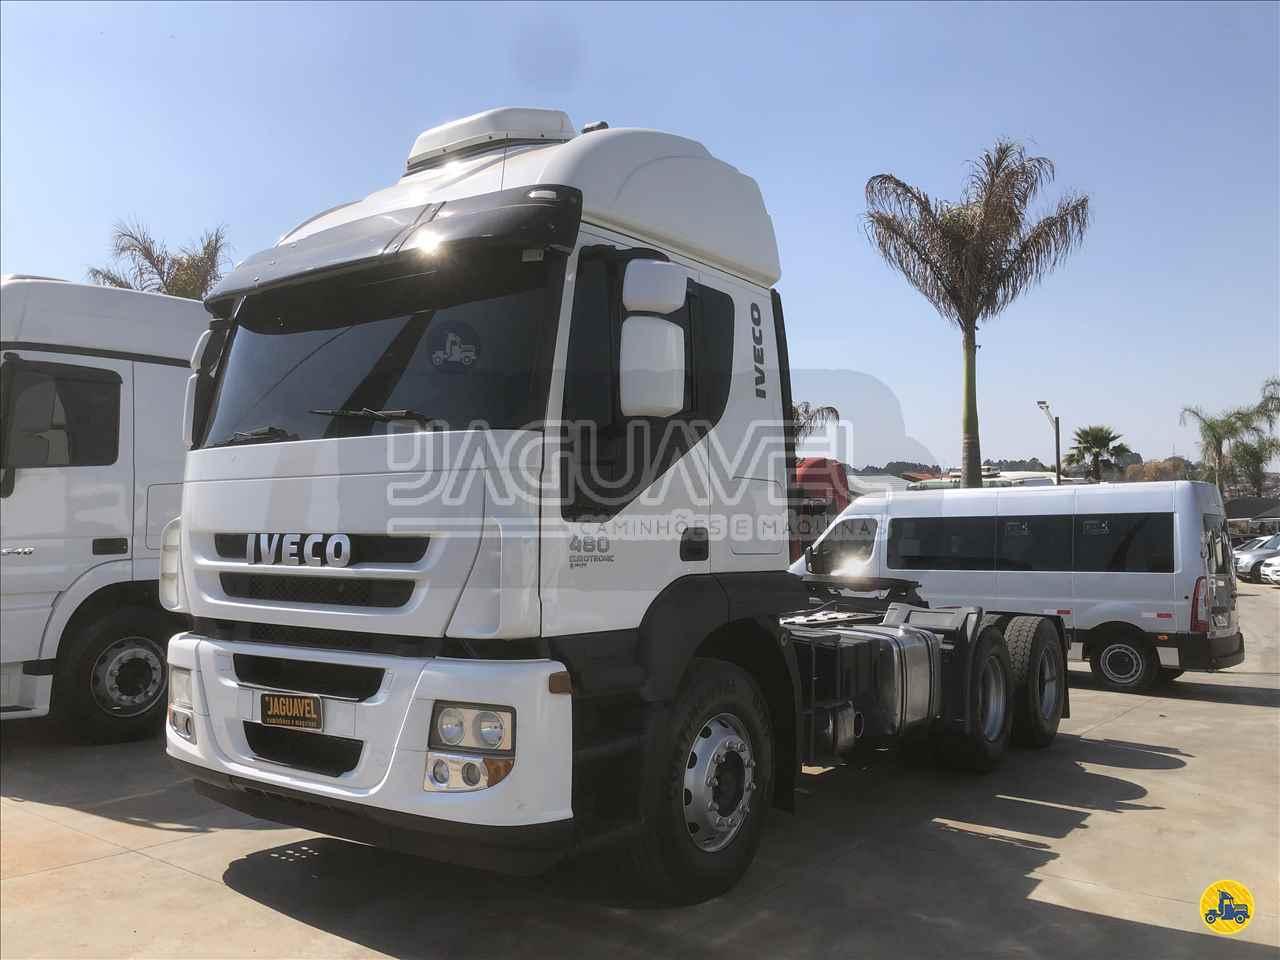 CAMINHAO IVECO STRALIS 480 Cavalo Mecânico 3/4 6x2 Jaguavel Caminhões JAGUARIAIVA PARANÁ PR